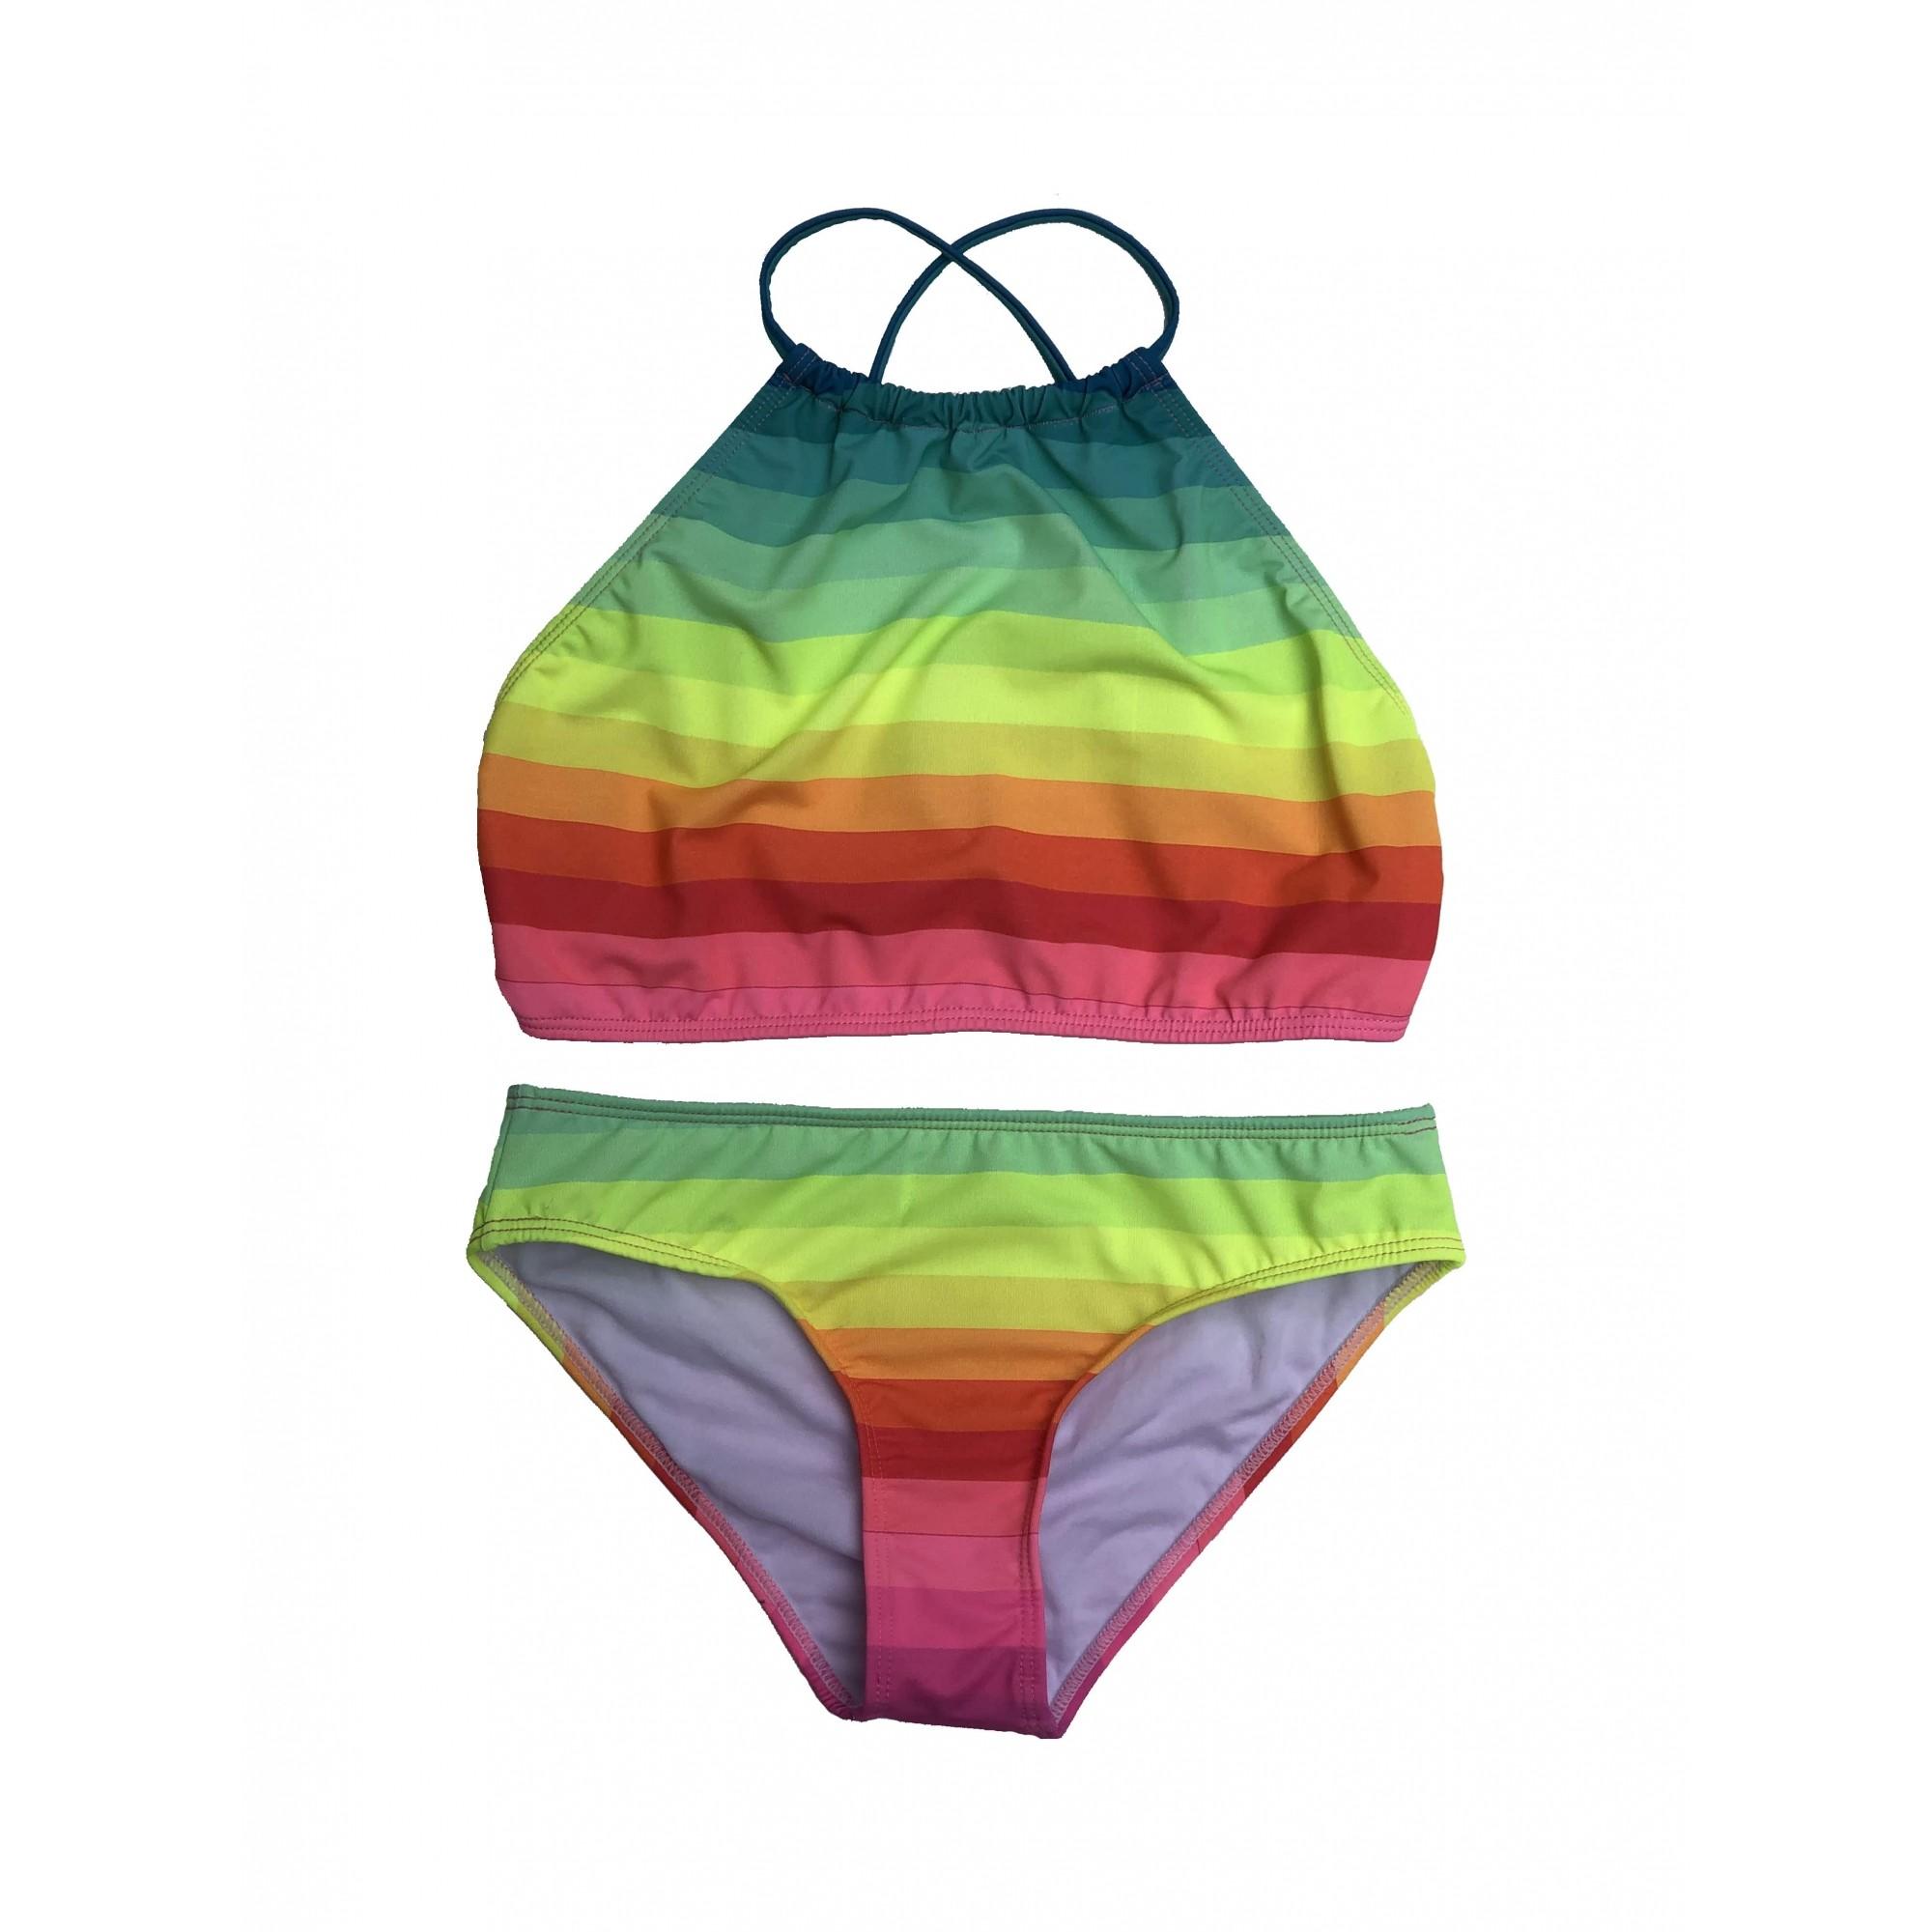 Biquíni Lycra Proteção UPF50+ Capri Top Venice Rainbow - Verão 2021